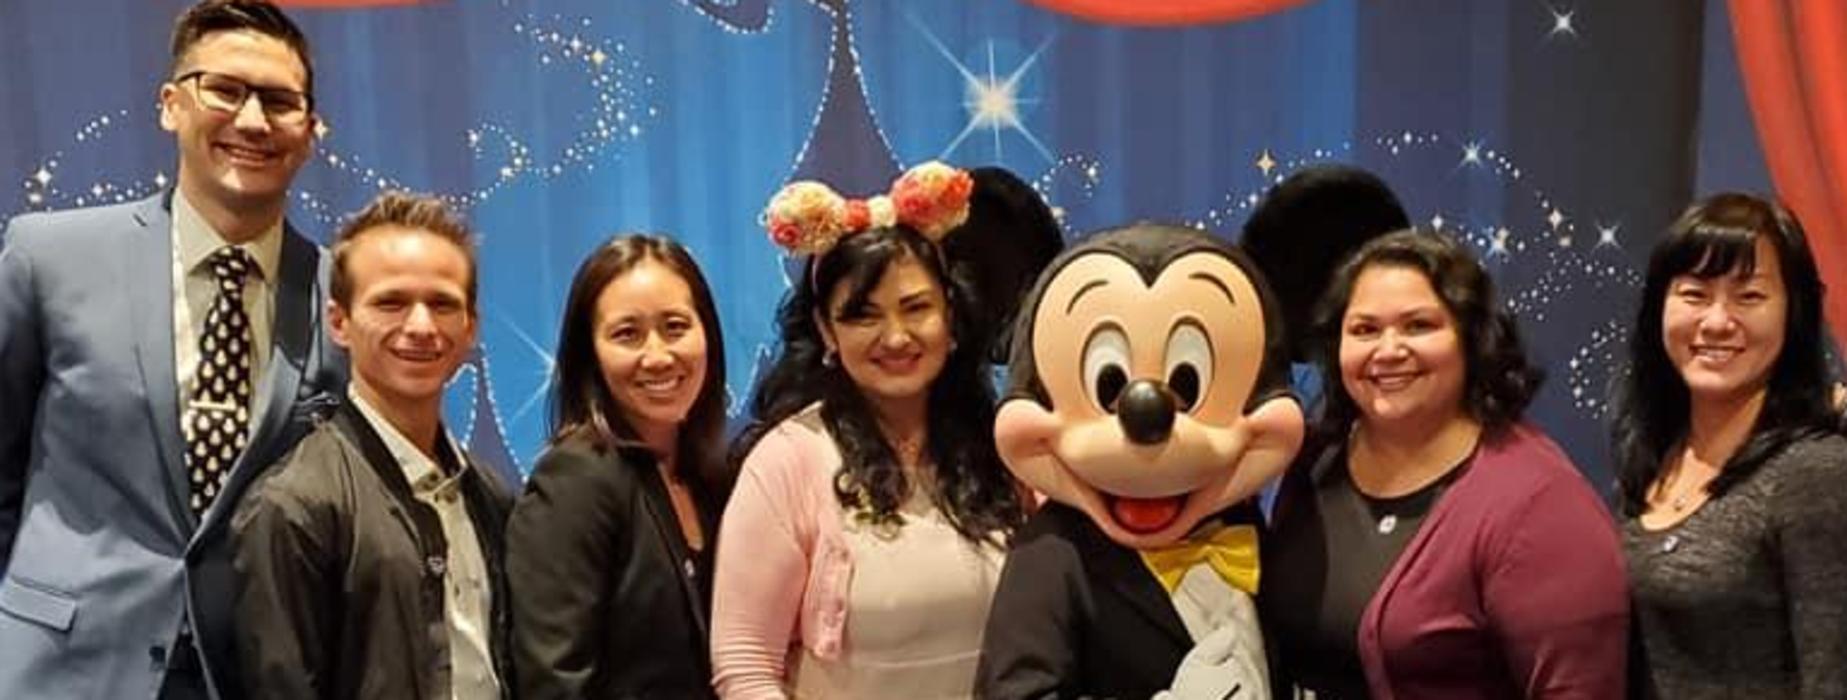 Highlands Principal and Faculty at Disneyland